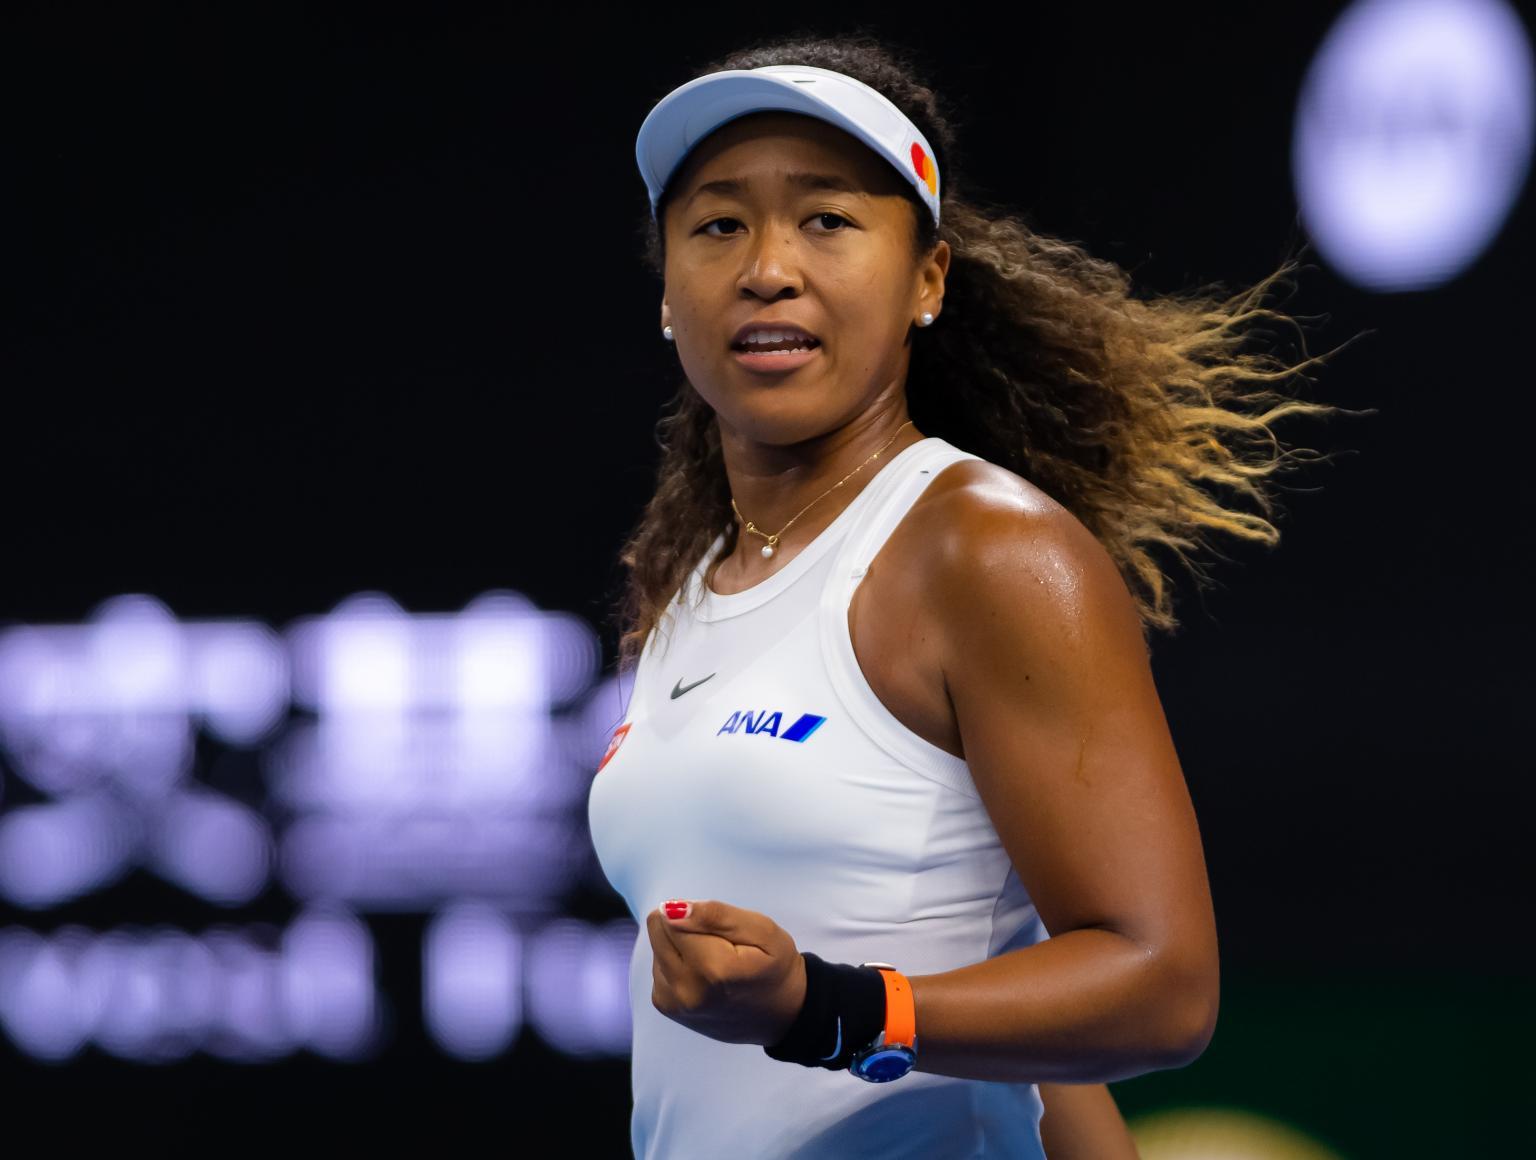 Miami Open 2021: Naomi Osaka vs. Maria Sakkari Tennis Pick and Prediction